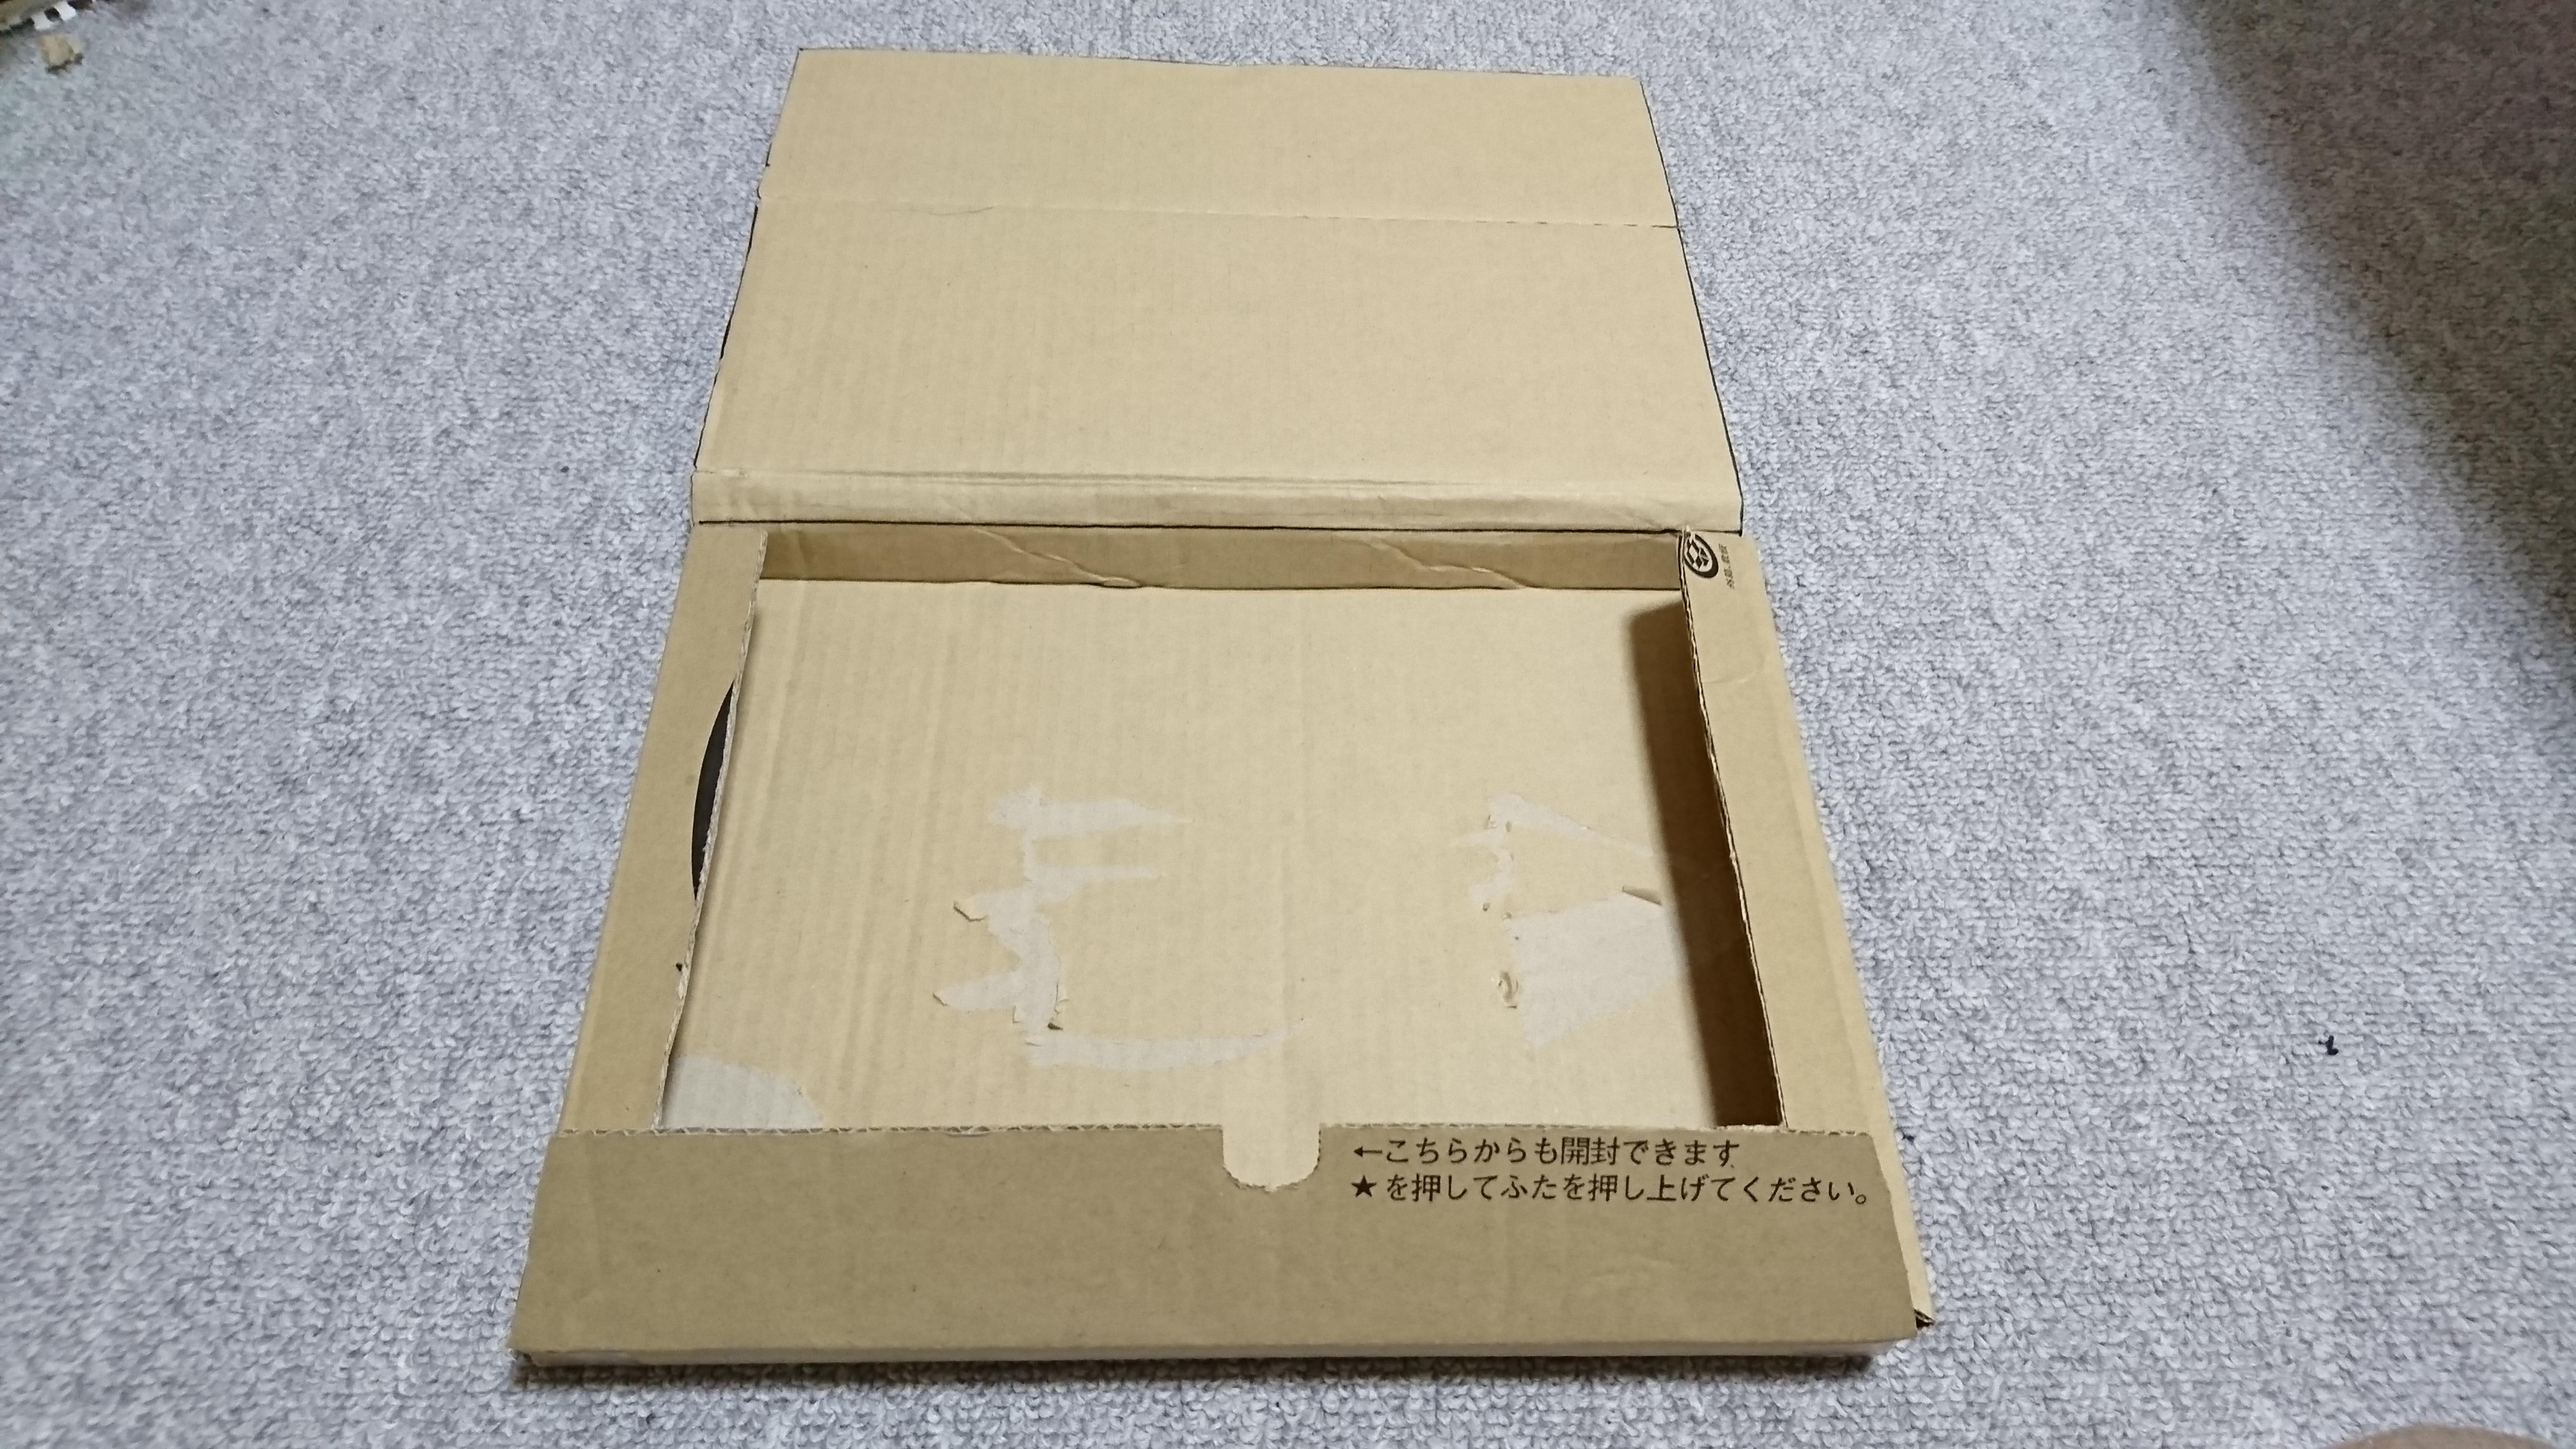 組み立てた箱